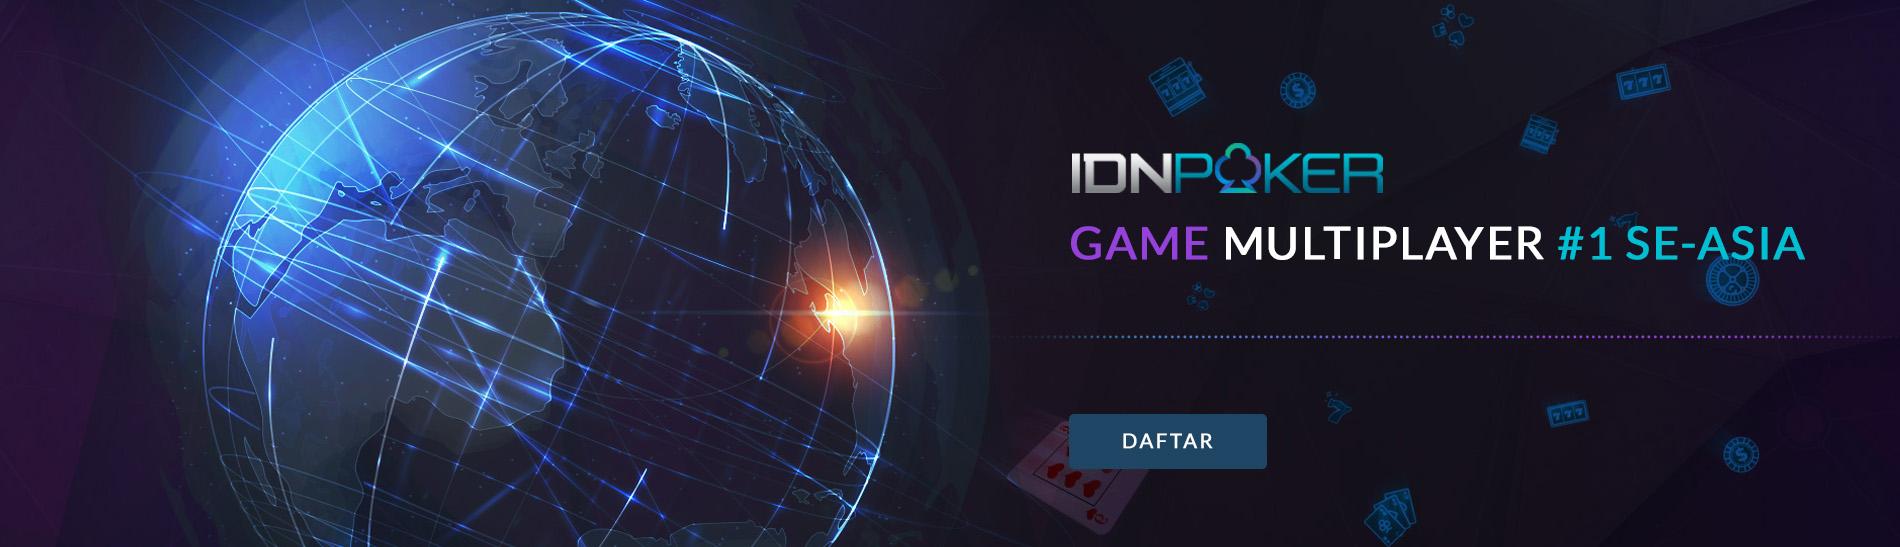 Poker IDN Daftar IDN Poker